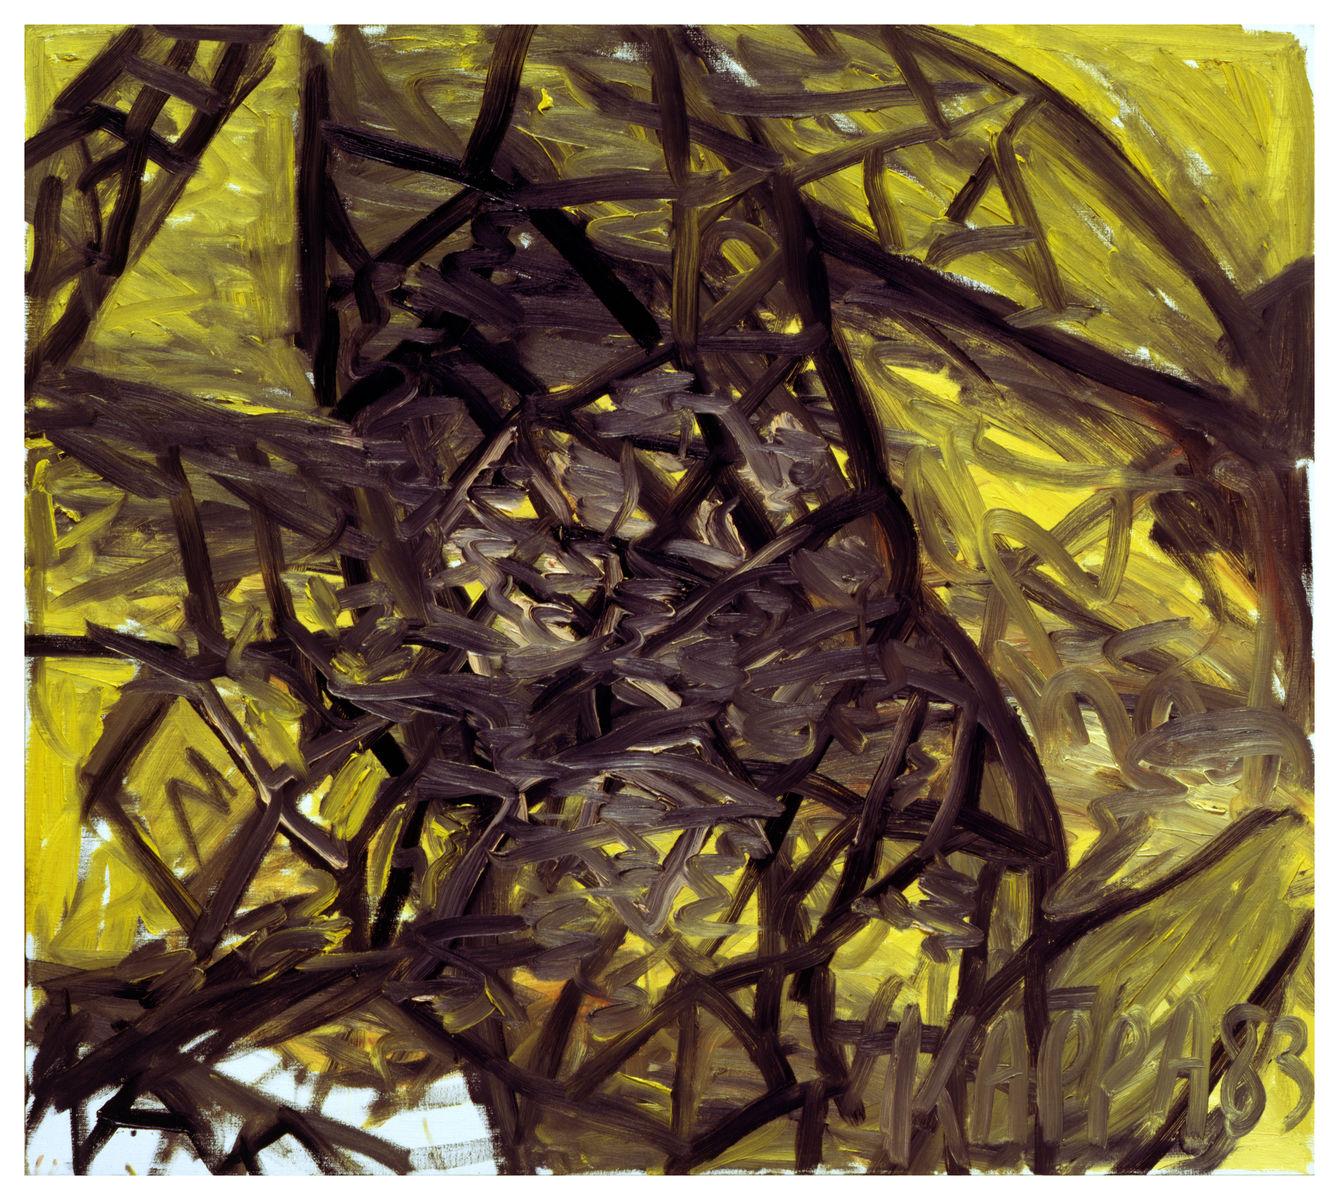 Pagliaccio ,1983, Oil on canvas, 35h x 39w in (90h x 100w cm), Morat-Institute, Freiburg in Breisgau